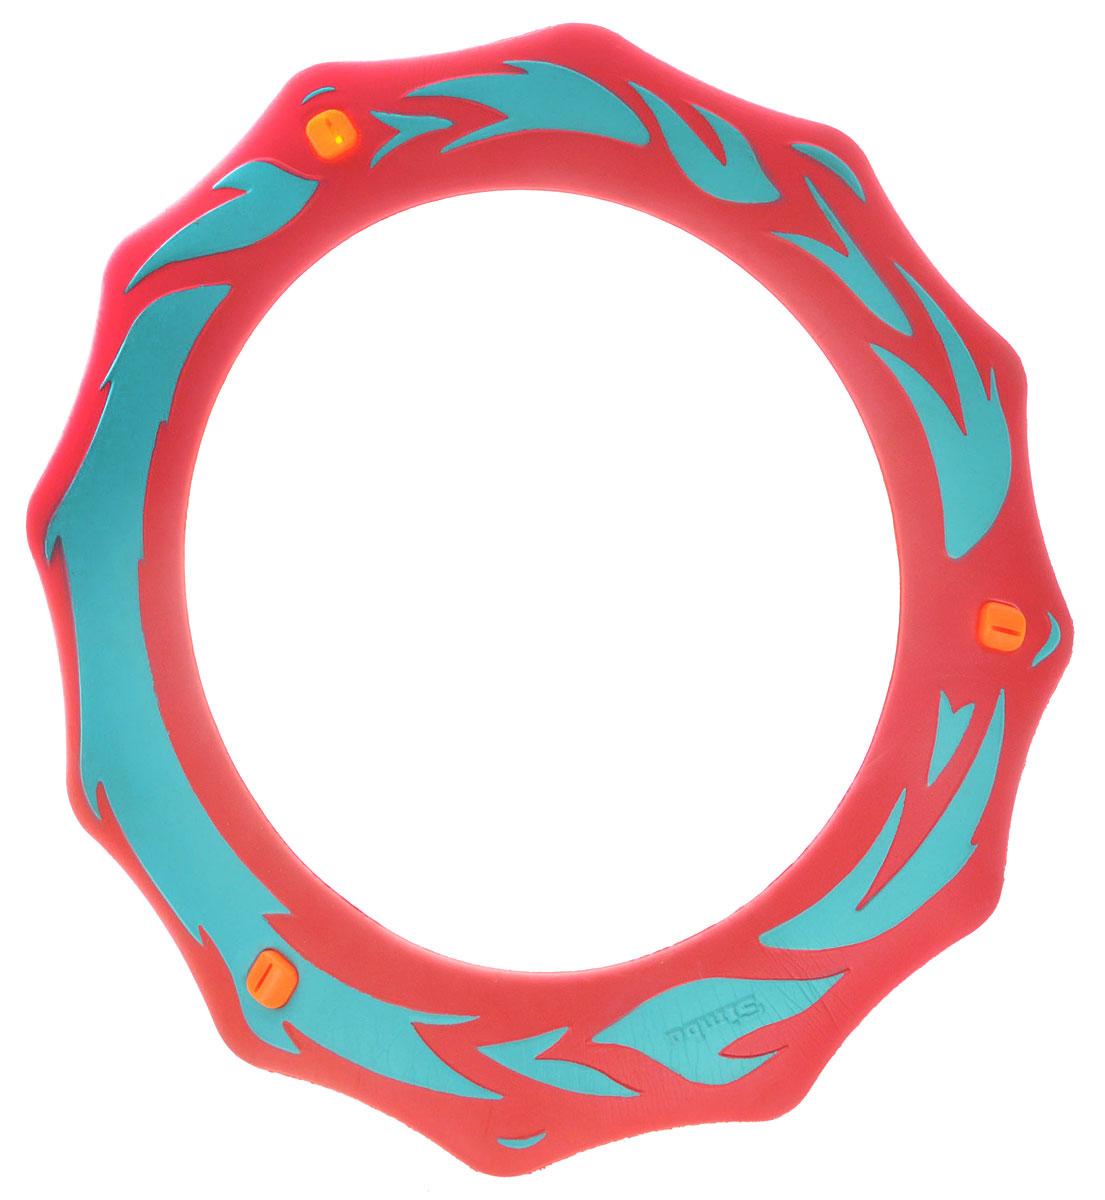 Simba Летающее кольцо цвет коралловый7201411_коралловыйЛетающее кольцо Simba сделает отдых на природе веселым и увлекательным. Оформленное стильными языками пламени, кольцо предназначено для полетов в воздухе. На поверхности кольца есть три желобка, которые при полете издают свист и делают игру еще веселее.